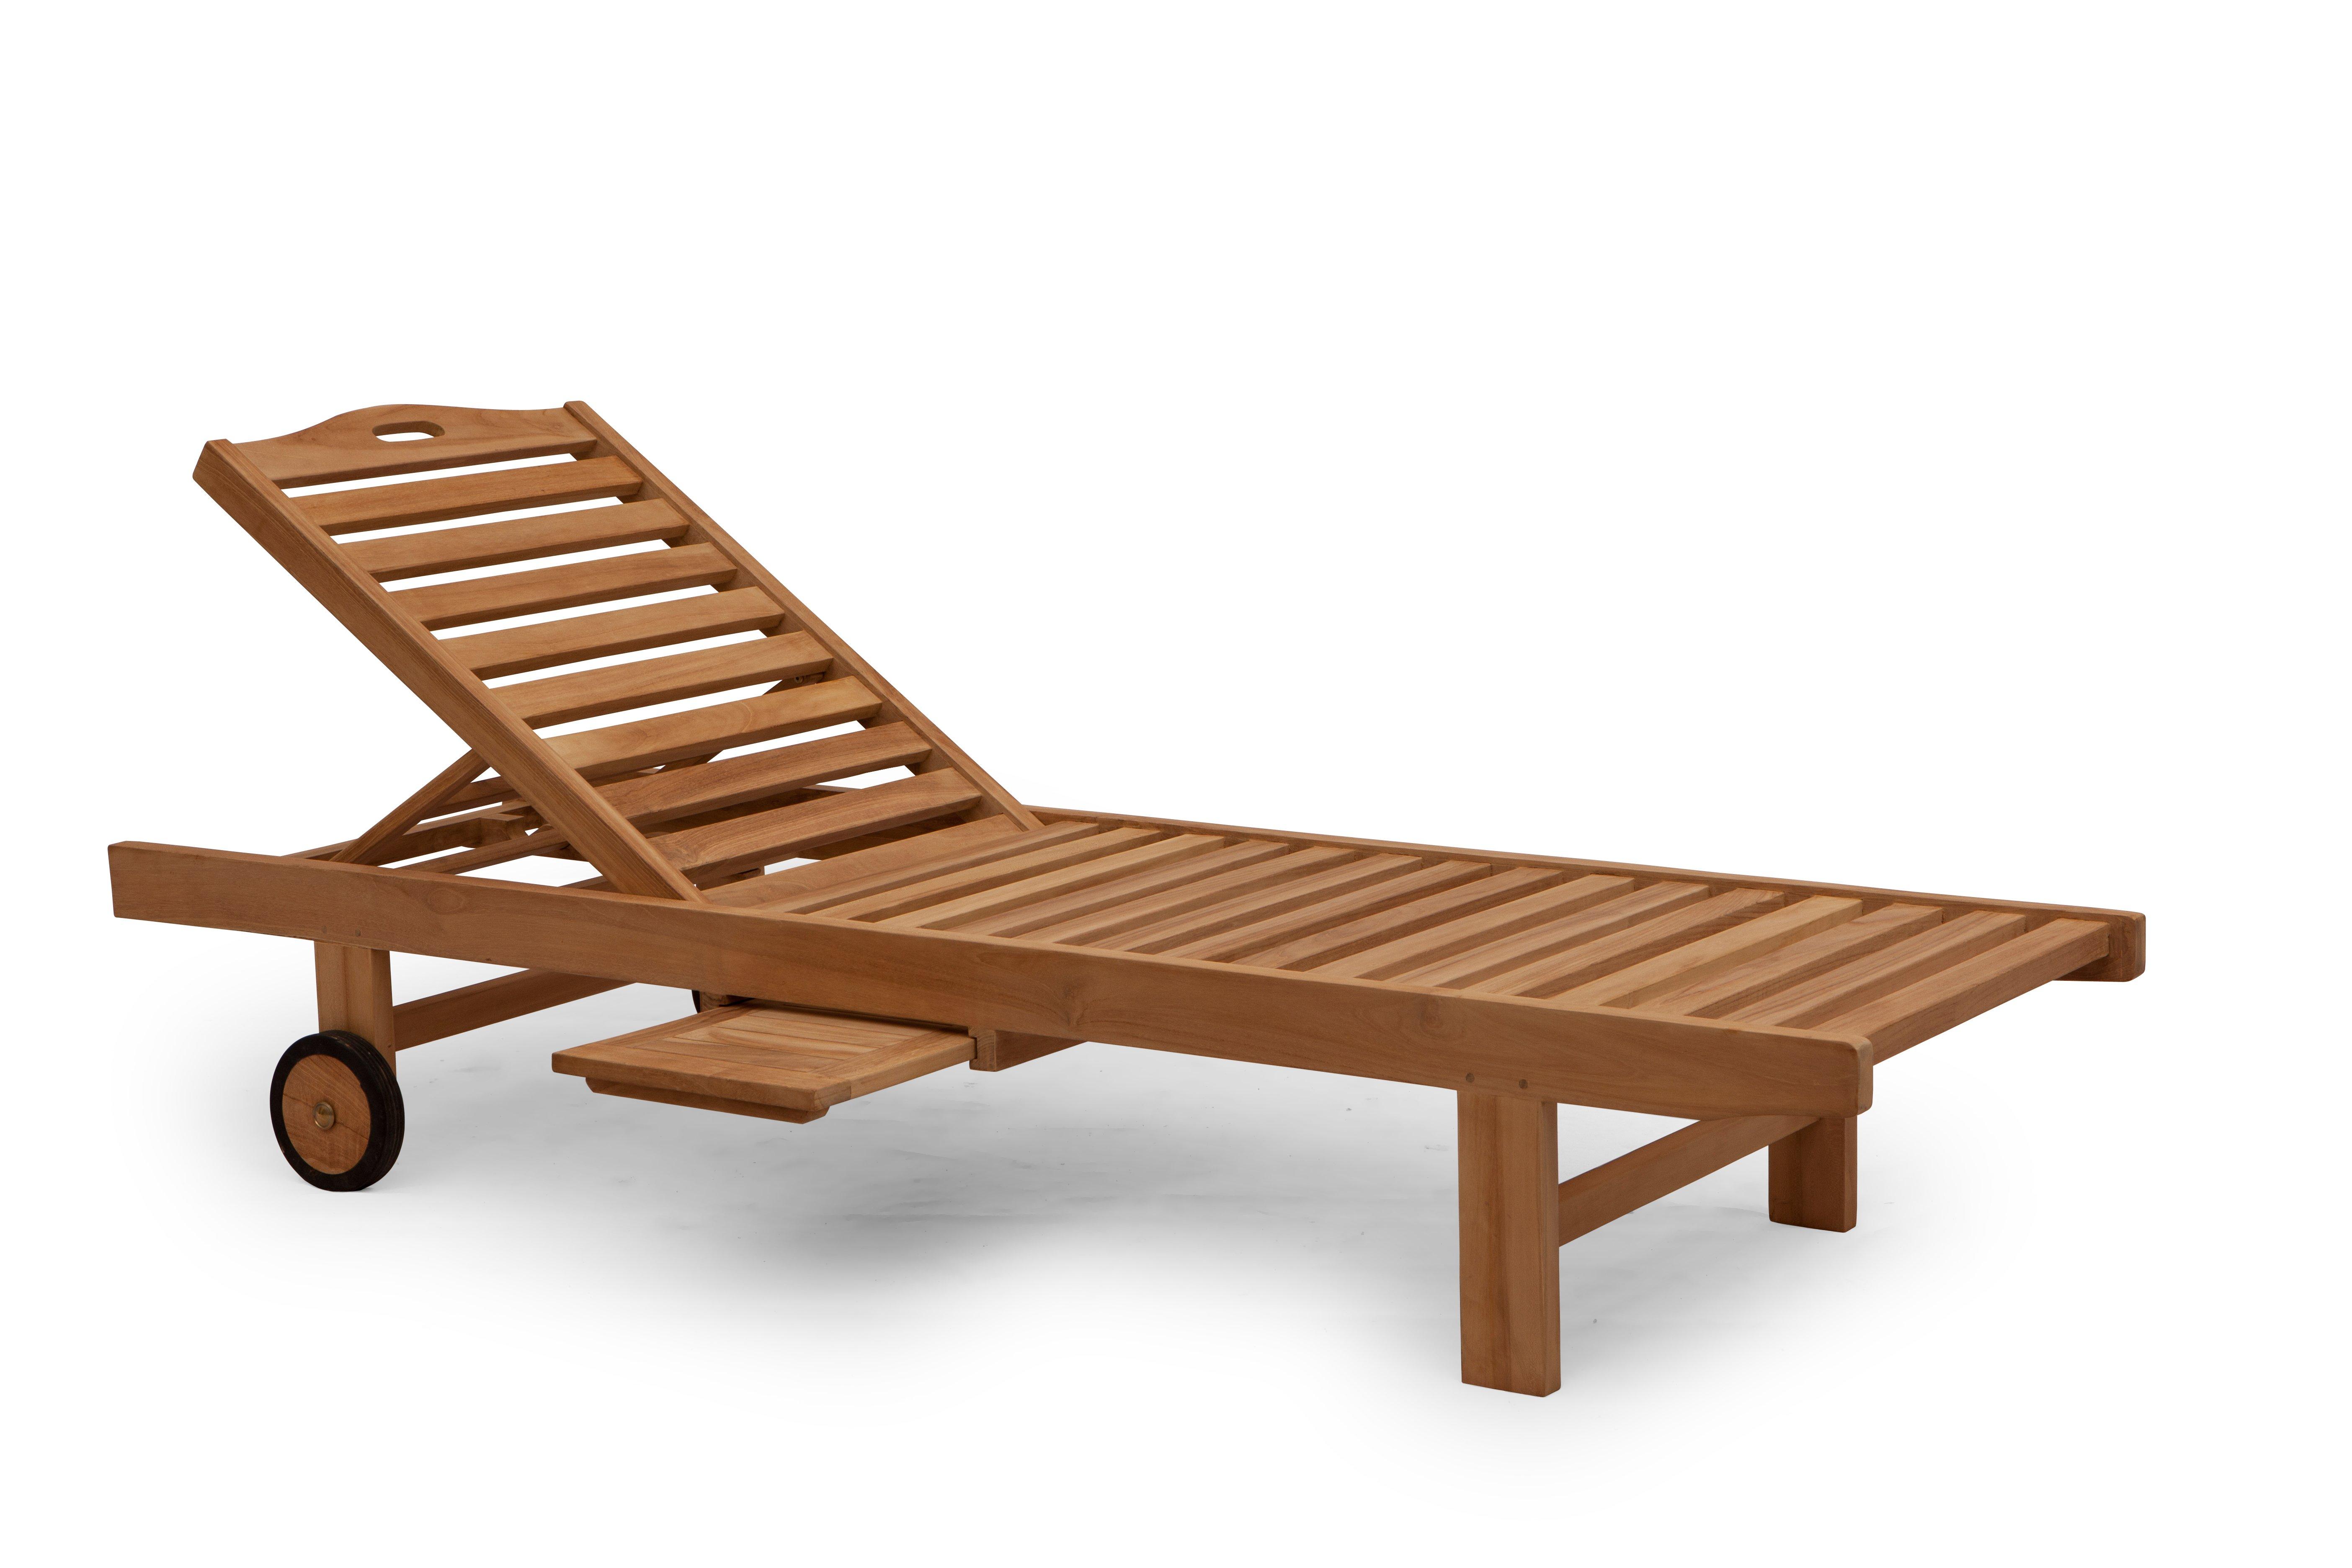 Ligbed Tuin Aanbiedingen : Teak ligbedden een mooie houten ligbed voor in de tuin